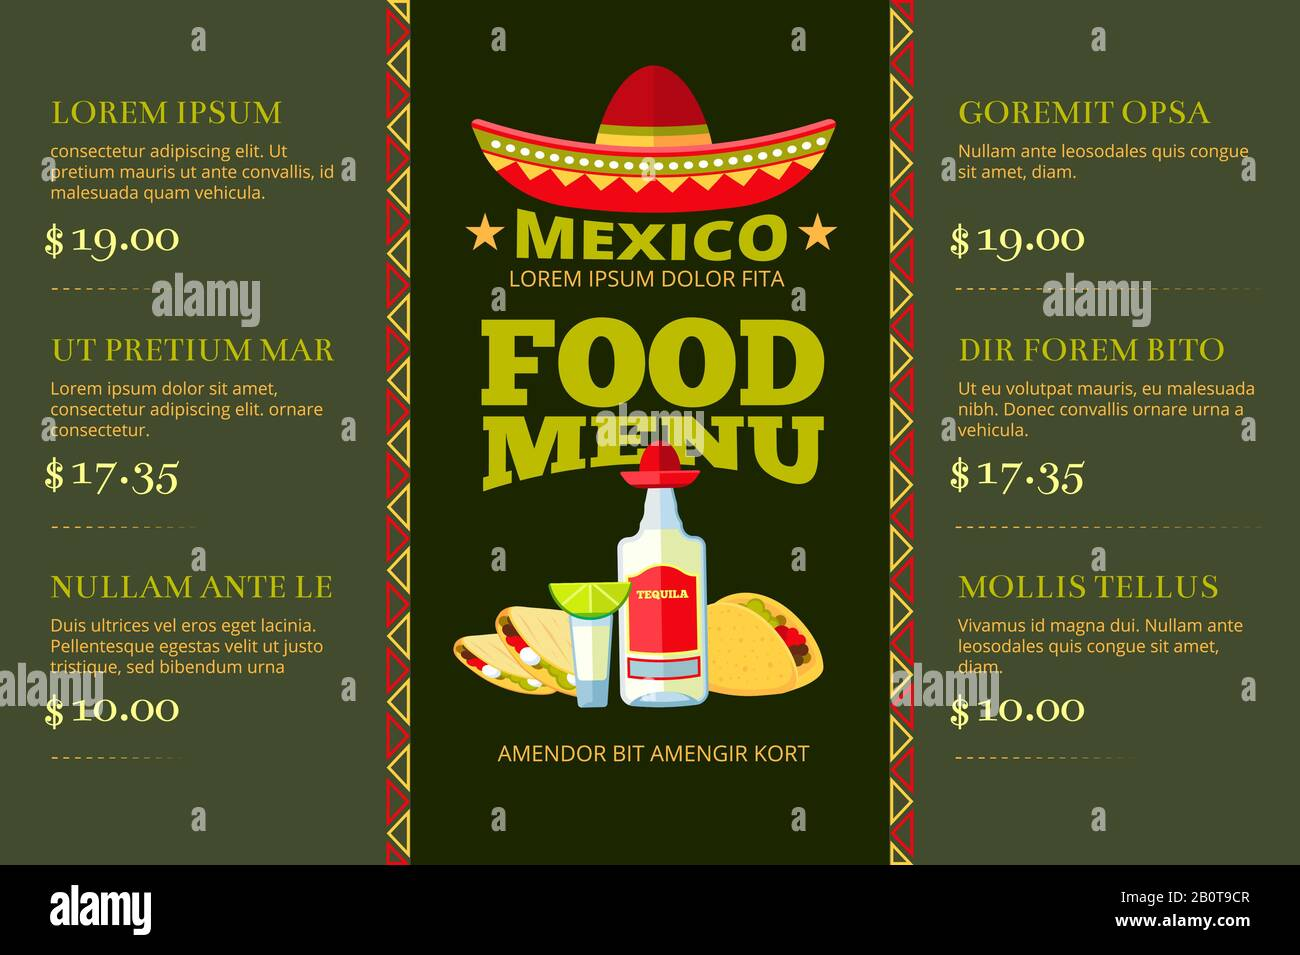 Cocina Mexicana Comida Restaurante Menu Vector Plantilla Menu De Restaurante Mexicano Con Precio Ilustracion Del Menu De La Bandera De Dibujos Animados Imagen Vector De Stock Alamy